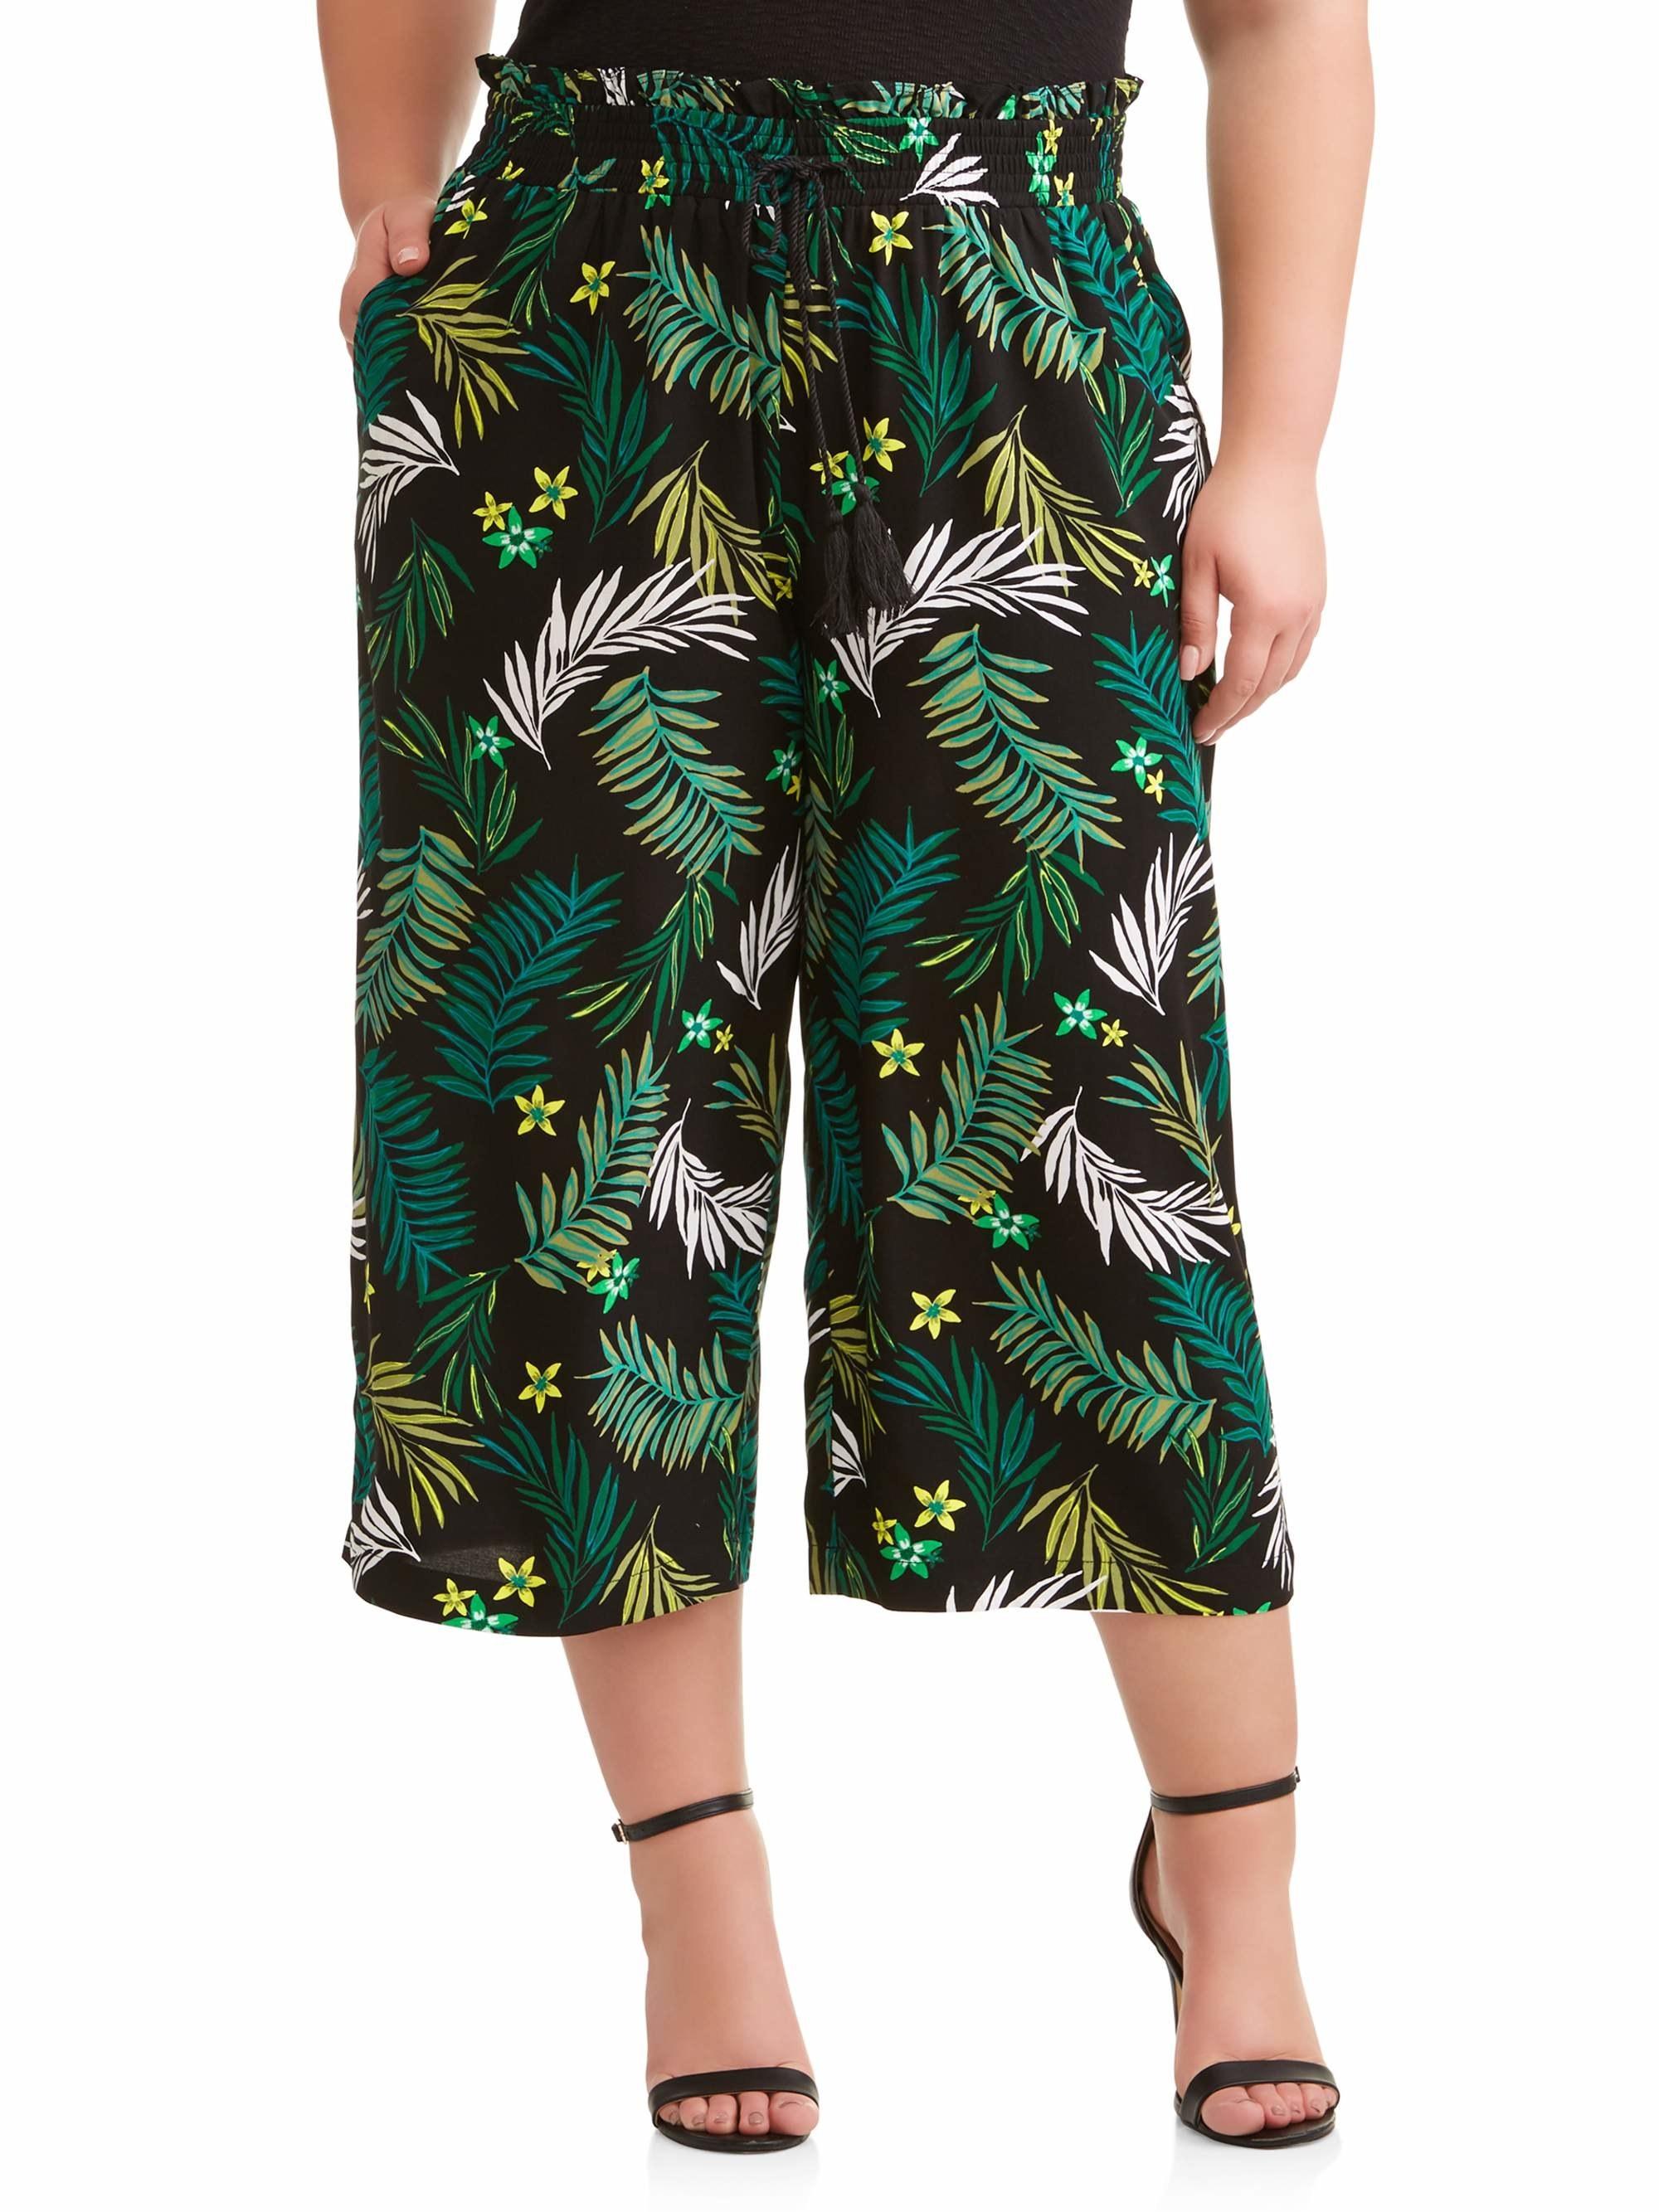 a woman wearing printed wide leg pants